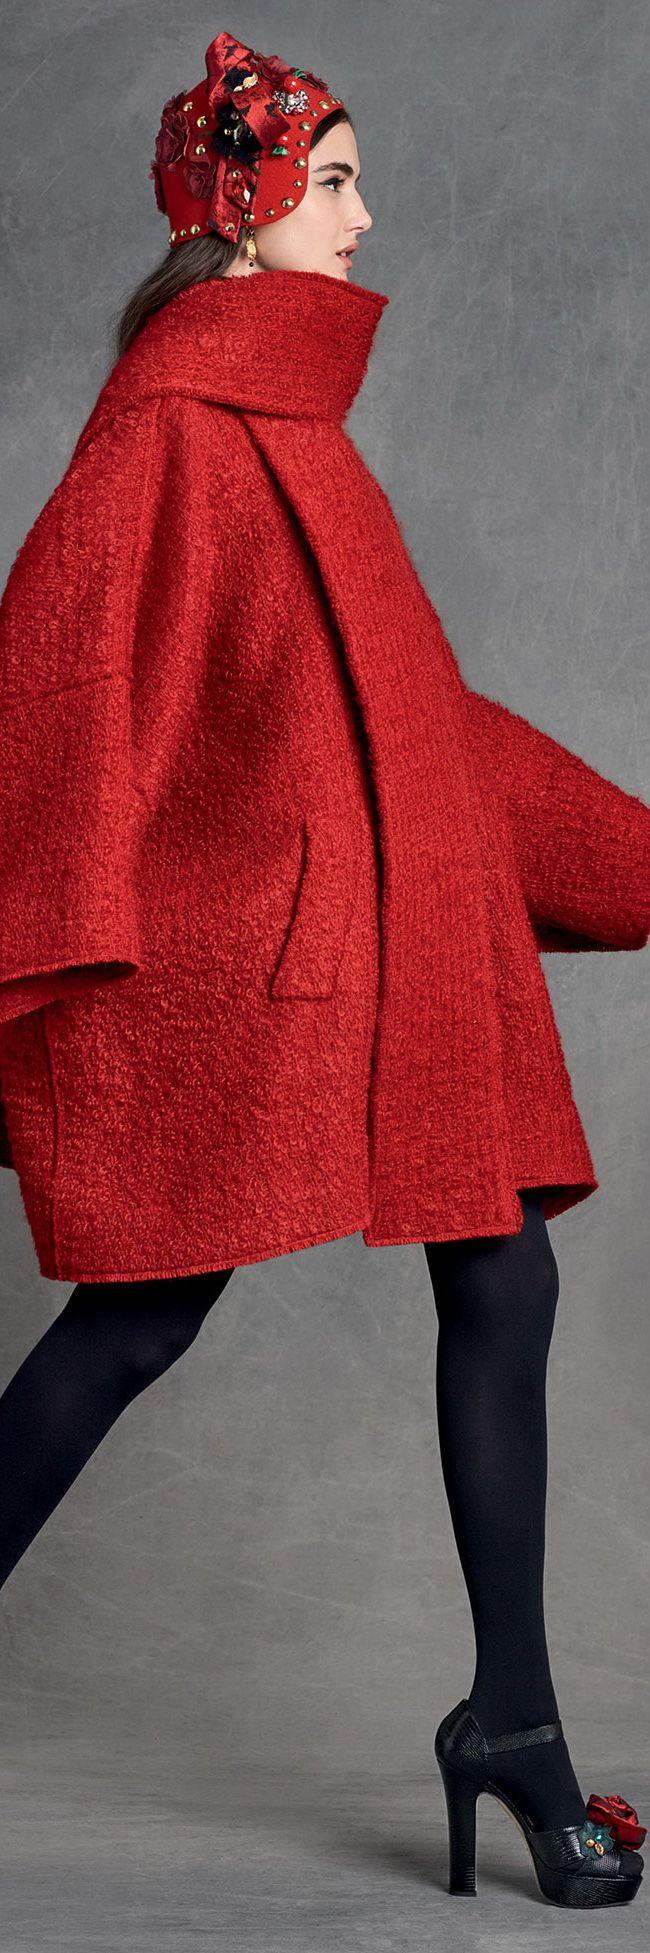 #Farbbberatung #Stilberatung #Farbenreich mit www.farben-reich.com Dolce & Gabbana Women's Clothing Collection Winter 2016